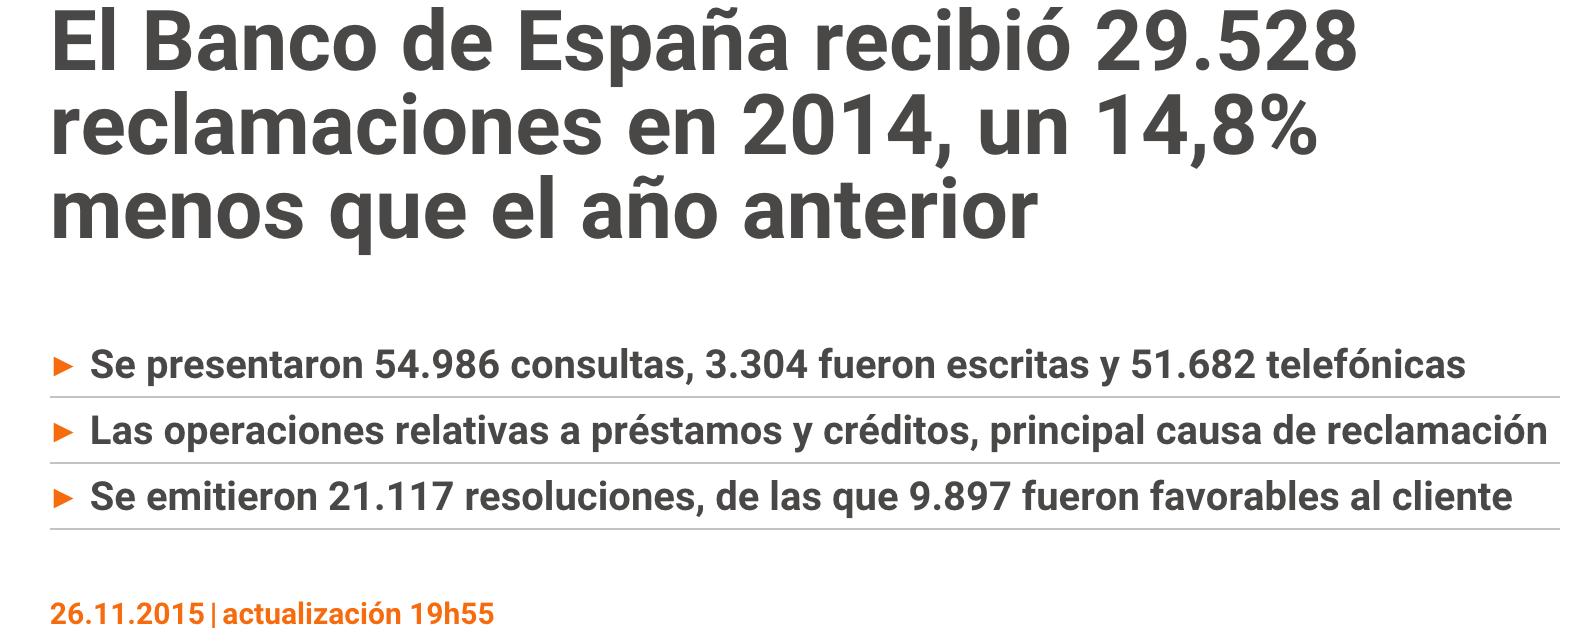 El BdE recibió 29.528 reclamaciones en 2014